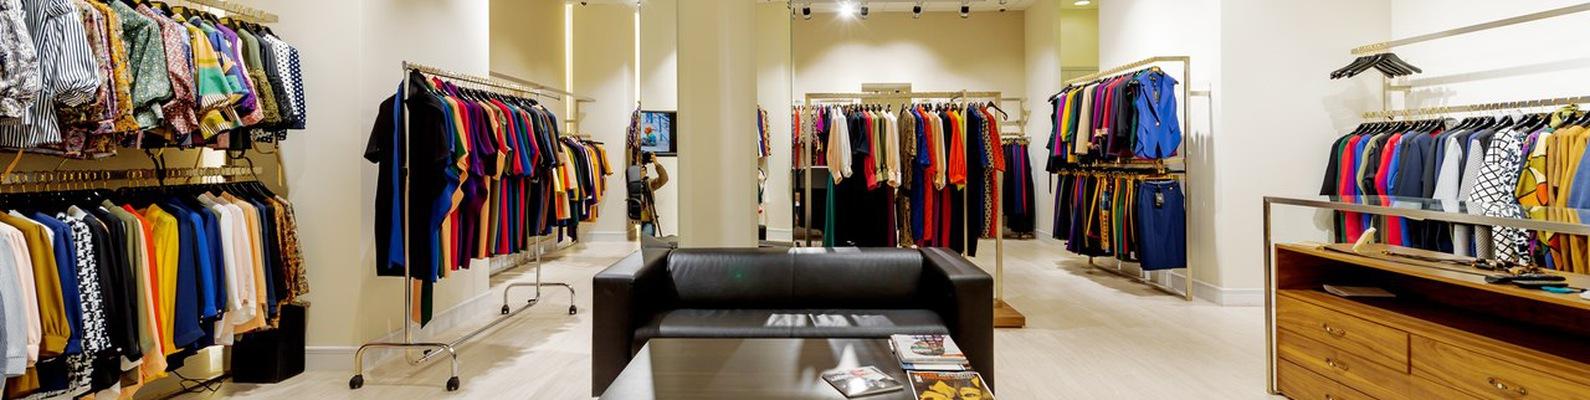 Нижнее белье и одежда оптом от производителя Siman